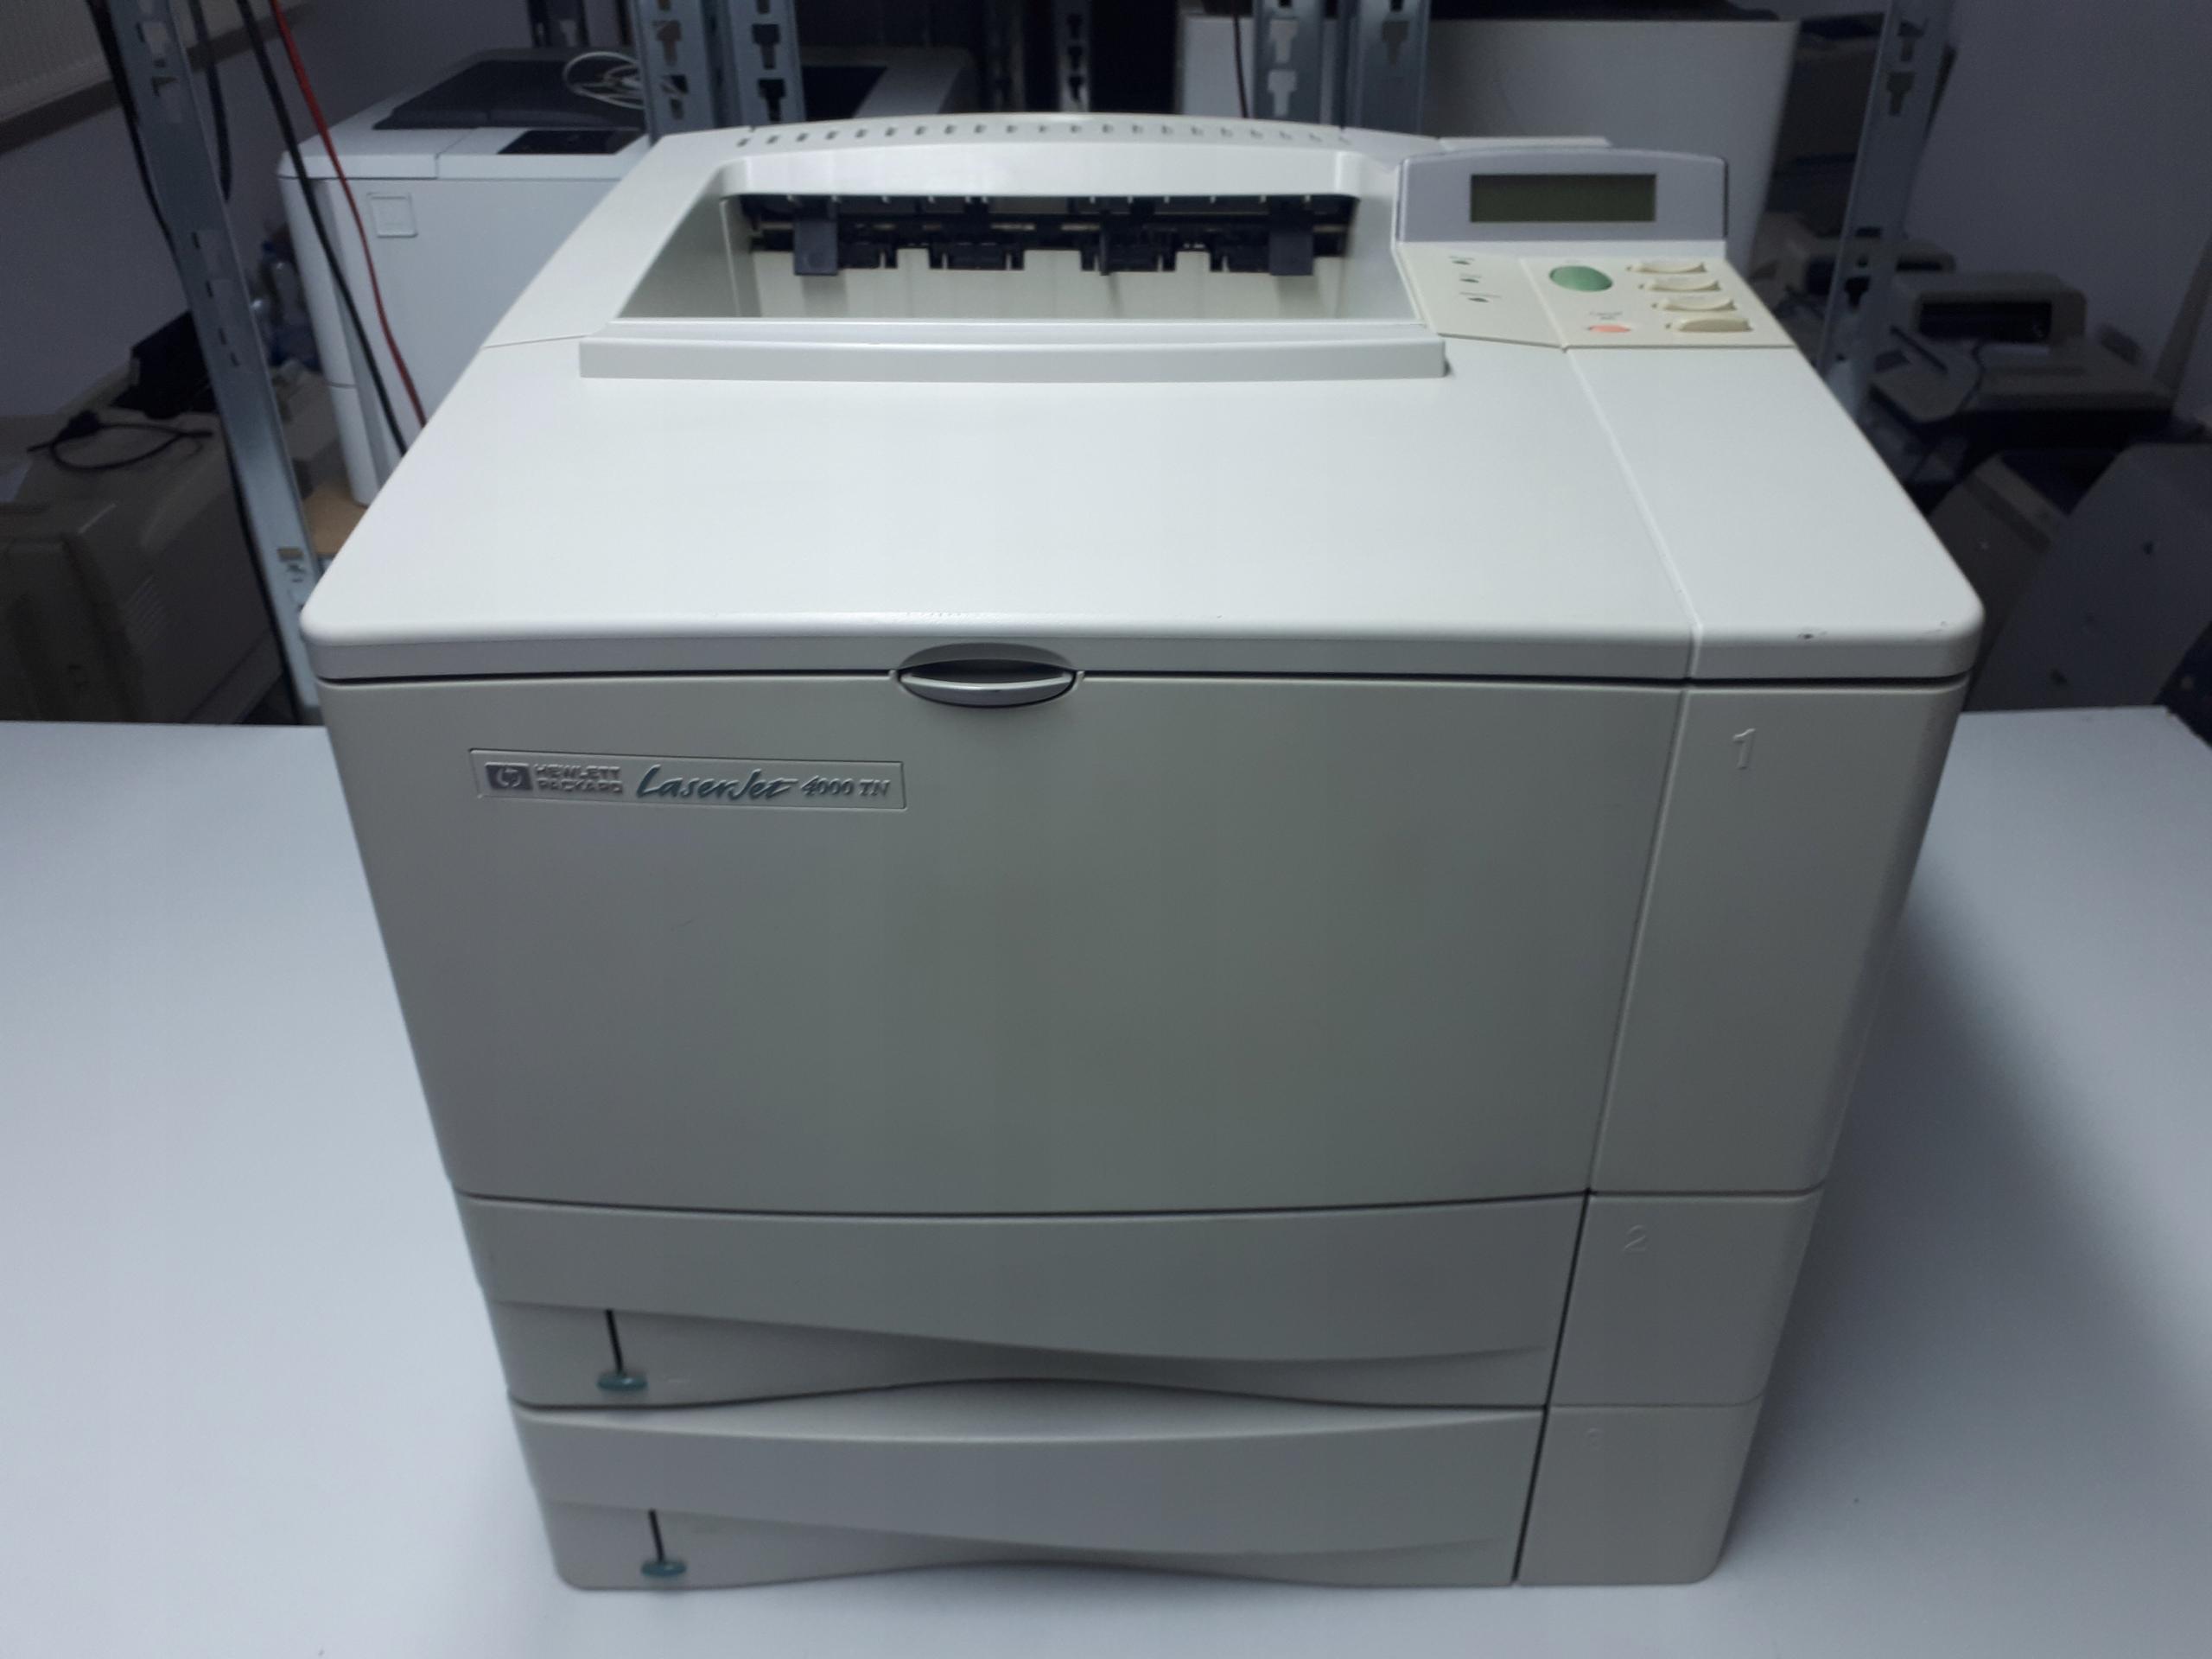 Drukarka HP LaserJet 4000TN Przebieg:27819 stron